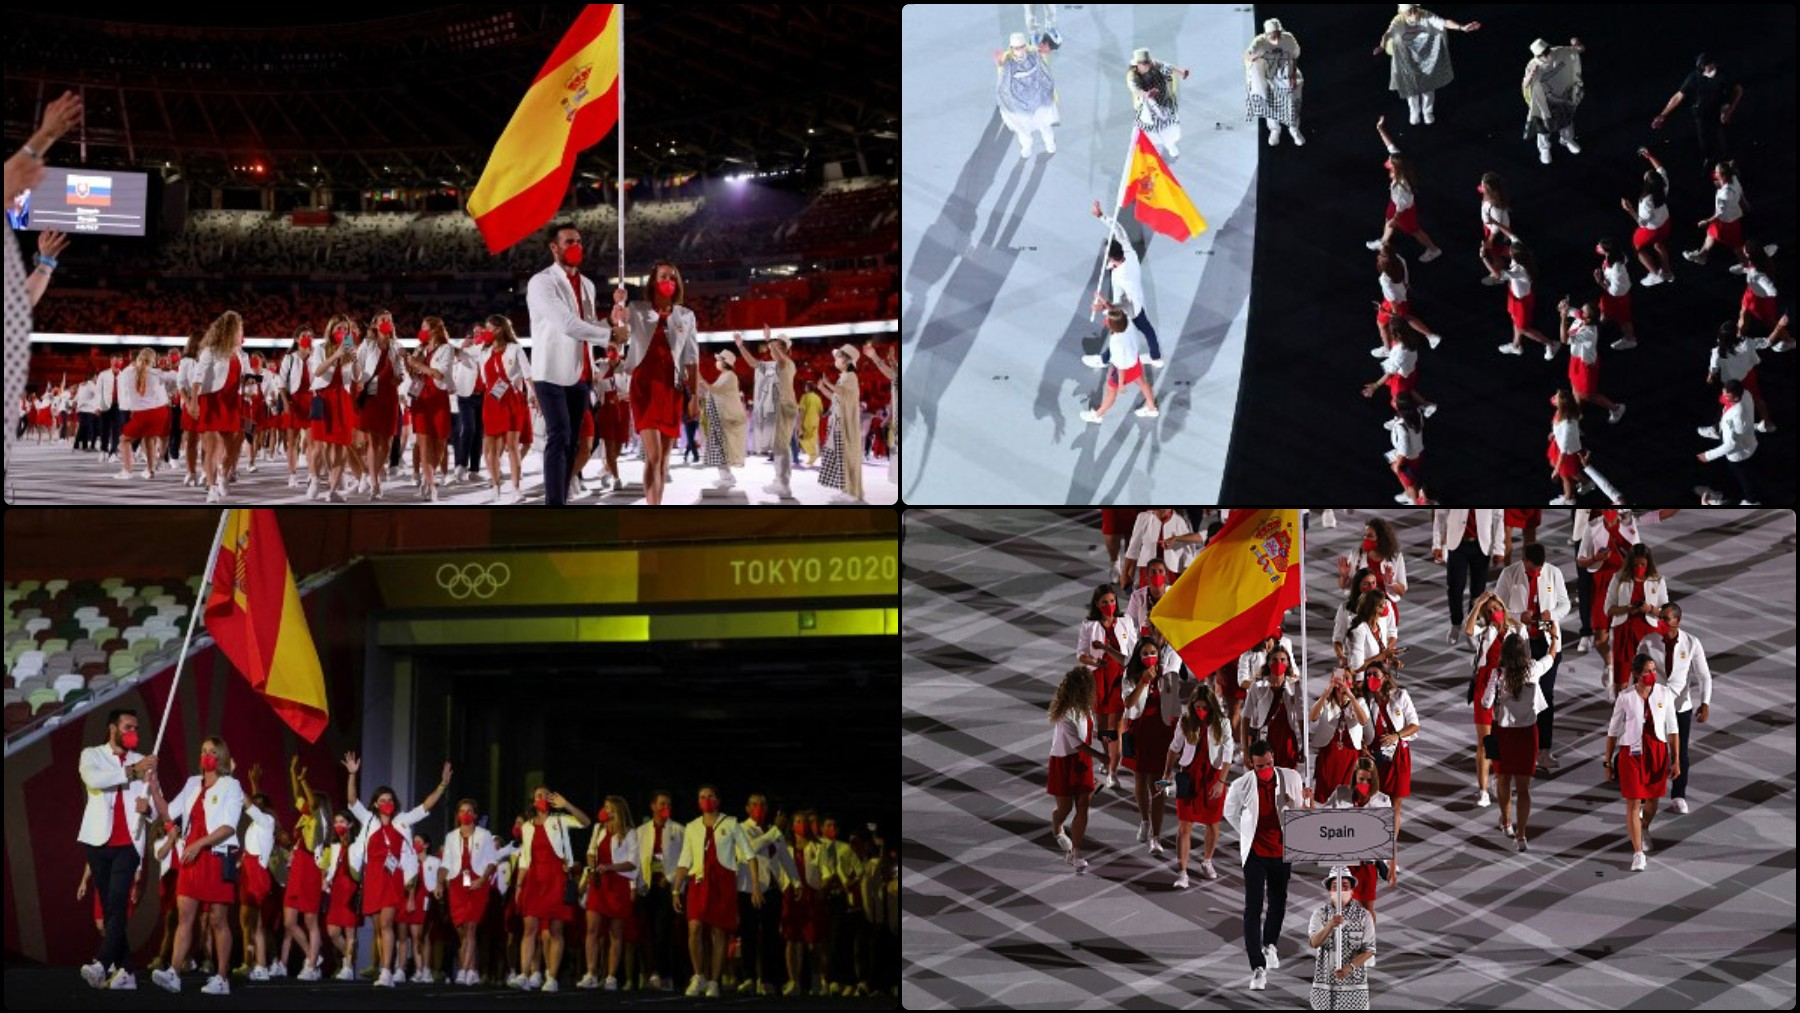 La delegación española durante la ceremonia de apertura de los Juegos de Tokio 2020.